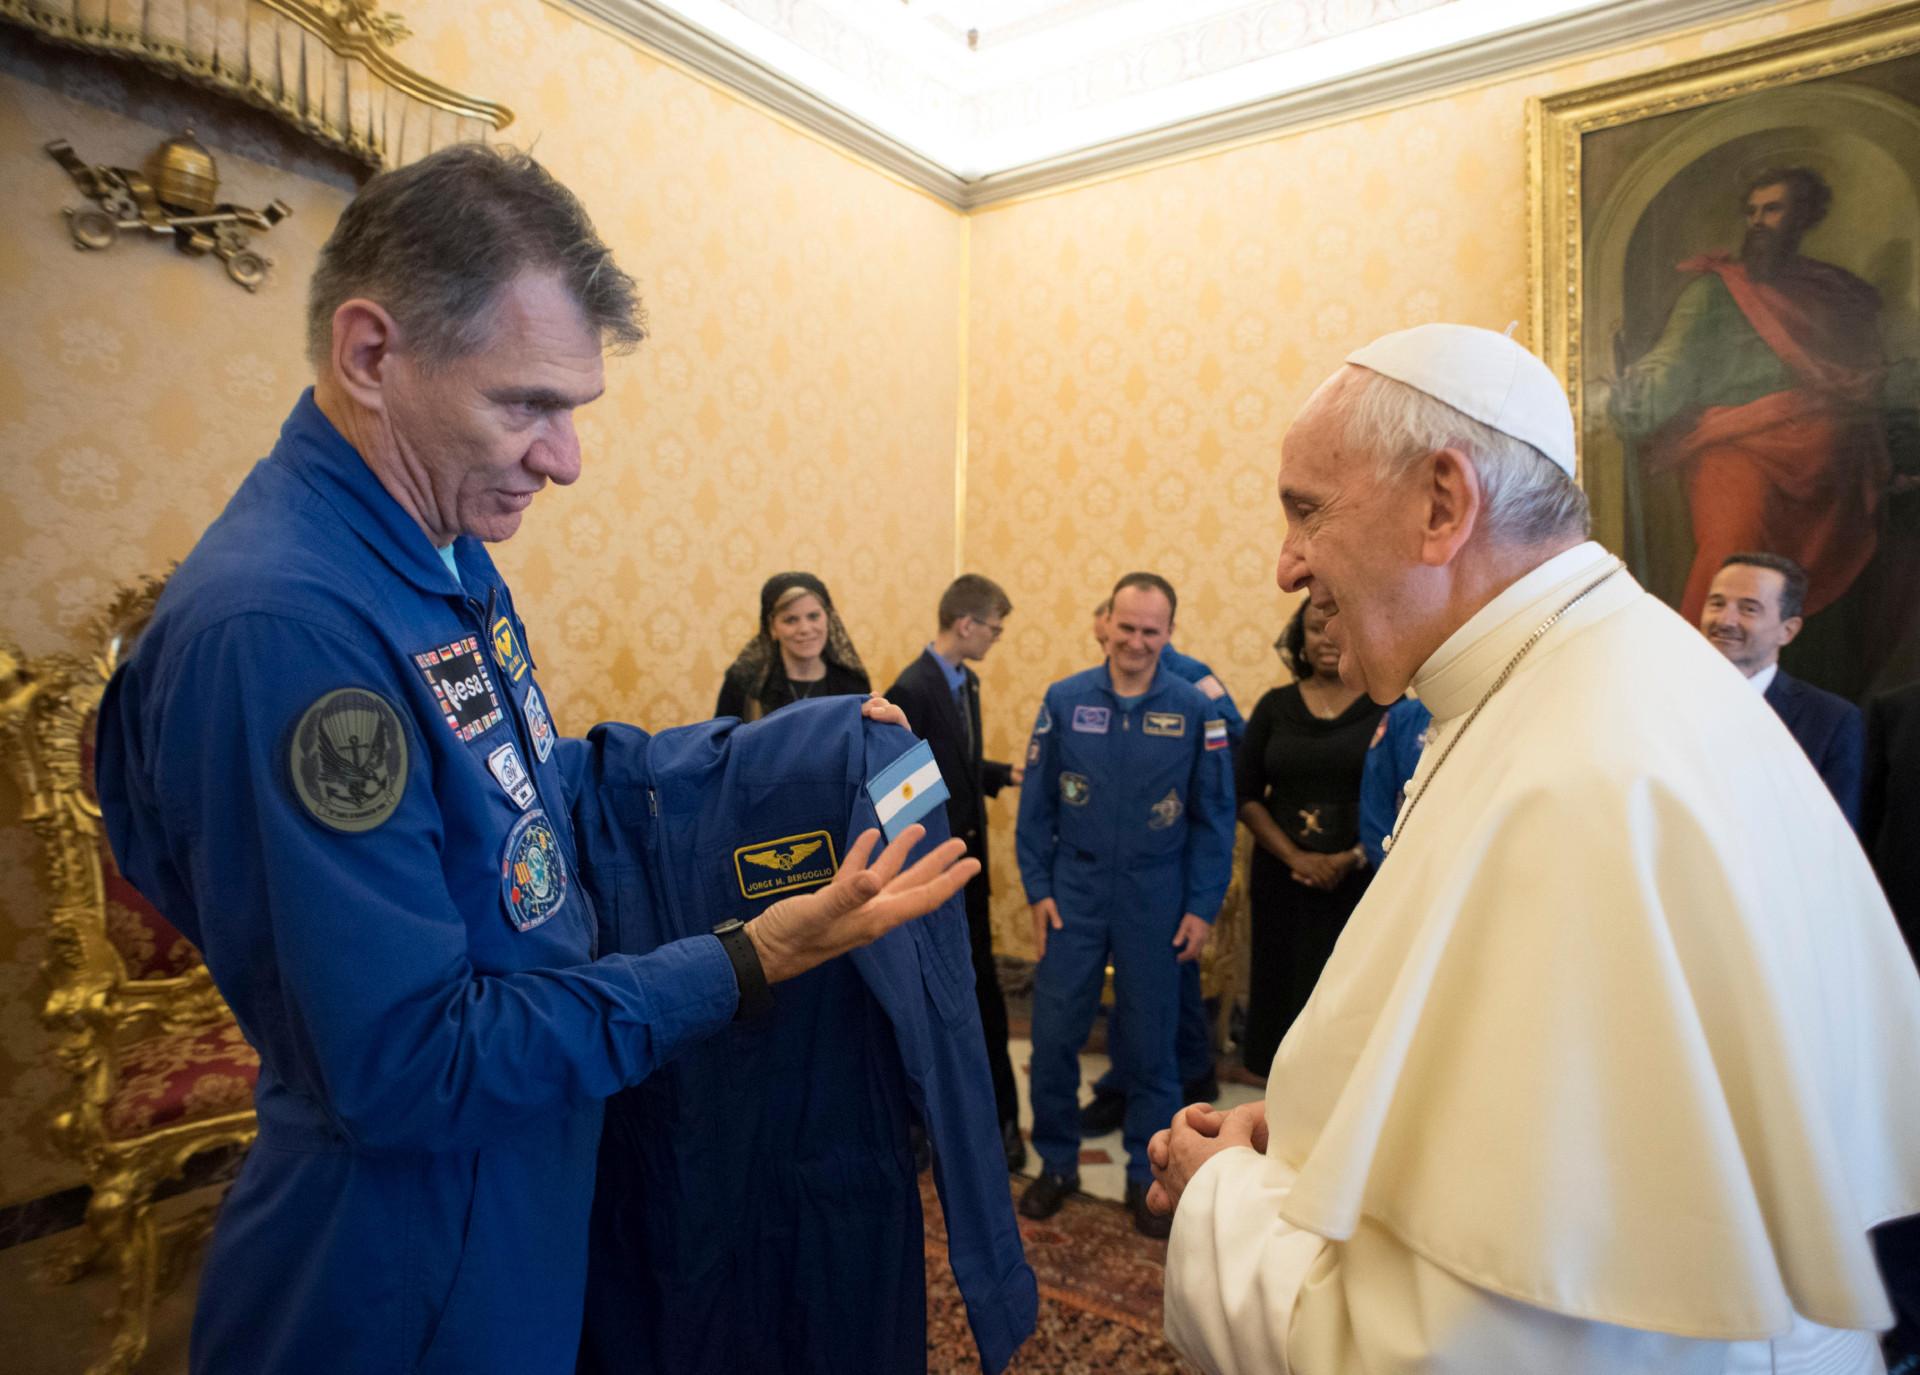 Papa recebeu um fato espacial que é também especial